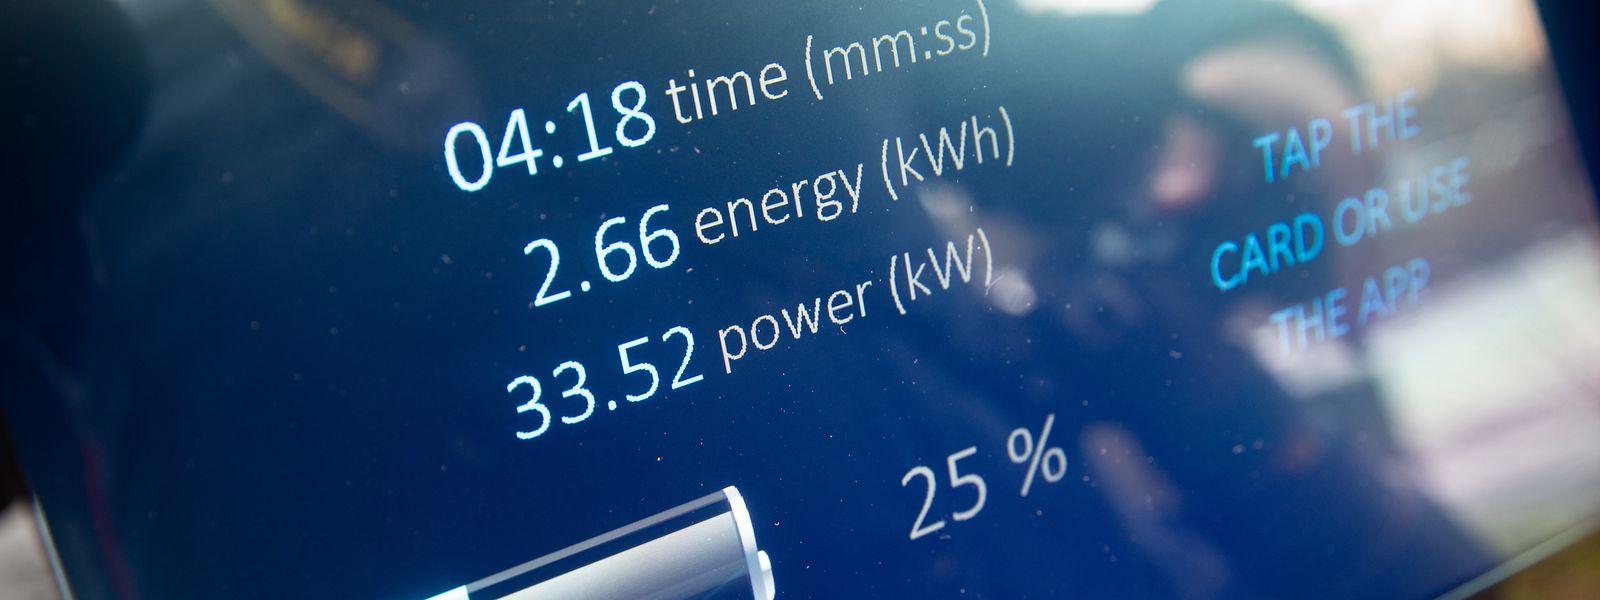 Le futur réseau de 88 superchargeurs doit permettre aux véhicules 100% électriques de bénéficier, en cinq minutes, d'une recharge équivalente à une autonomie de 100 km.